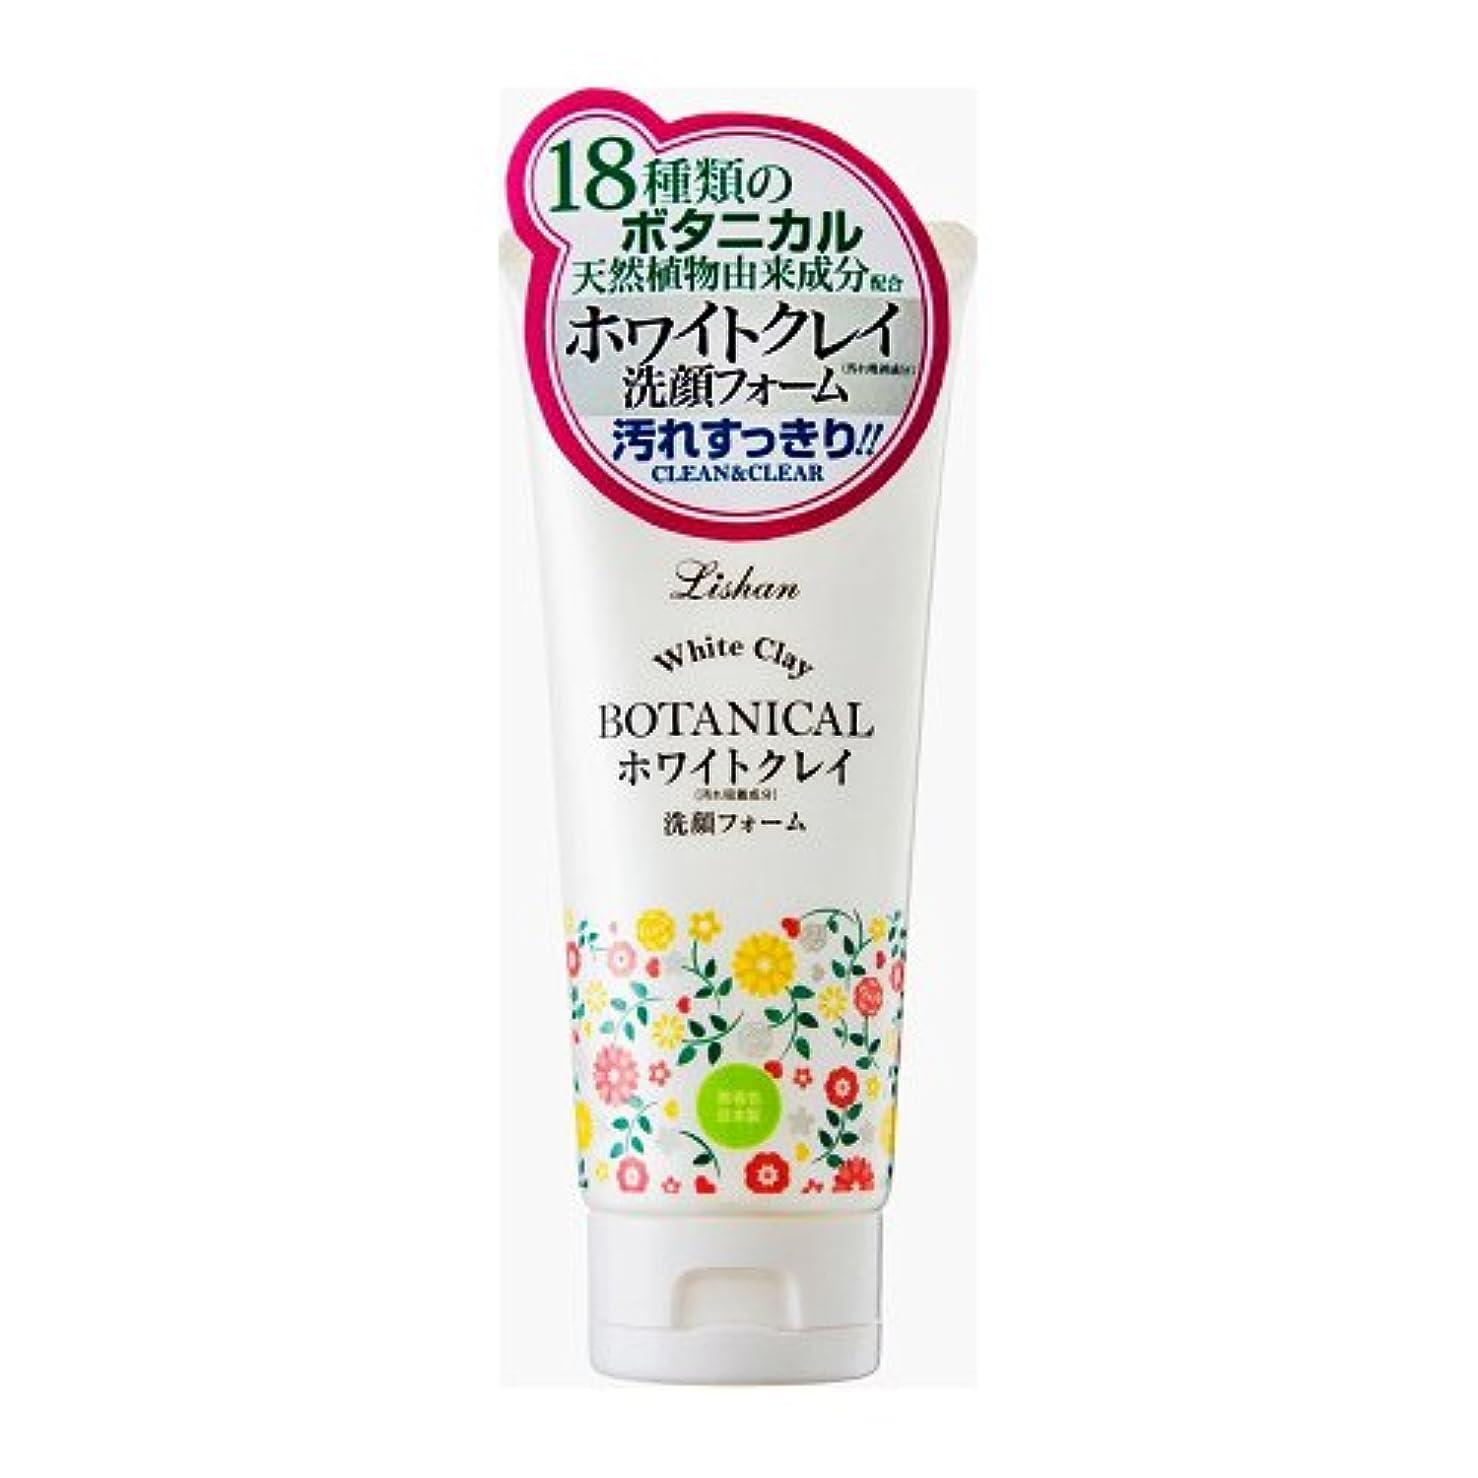 コレクション集計曇ったリシャン ホワイトクレイ洗顔フォーム (フレッシュハーブの香り) (130g)